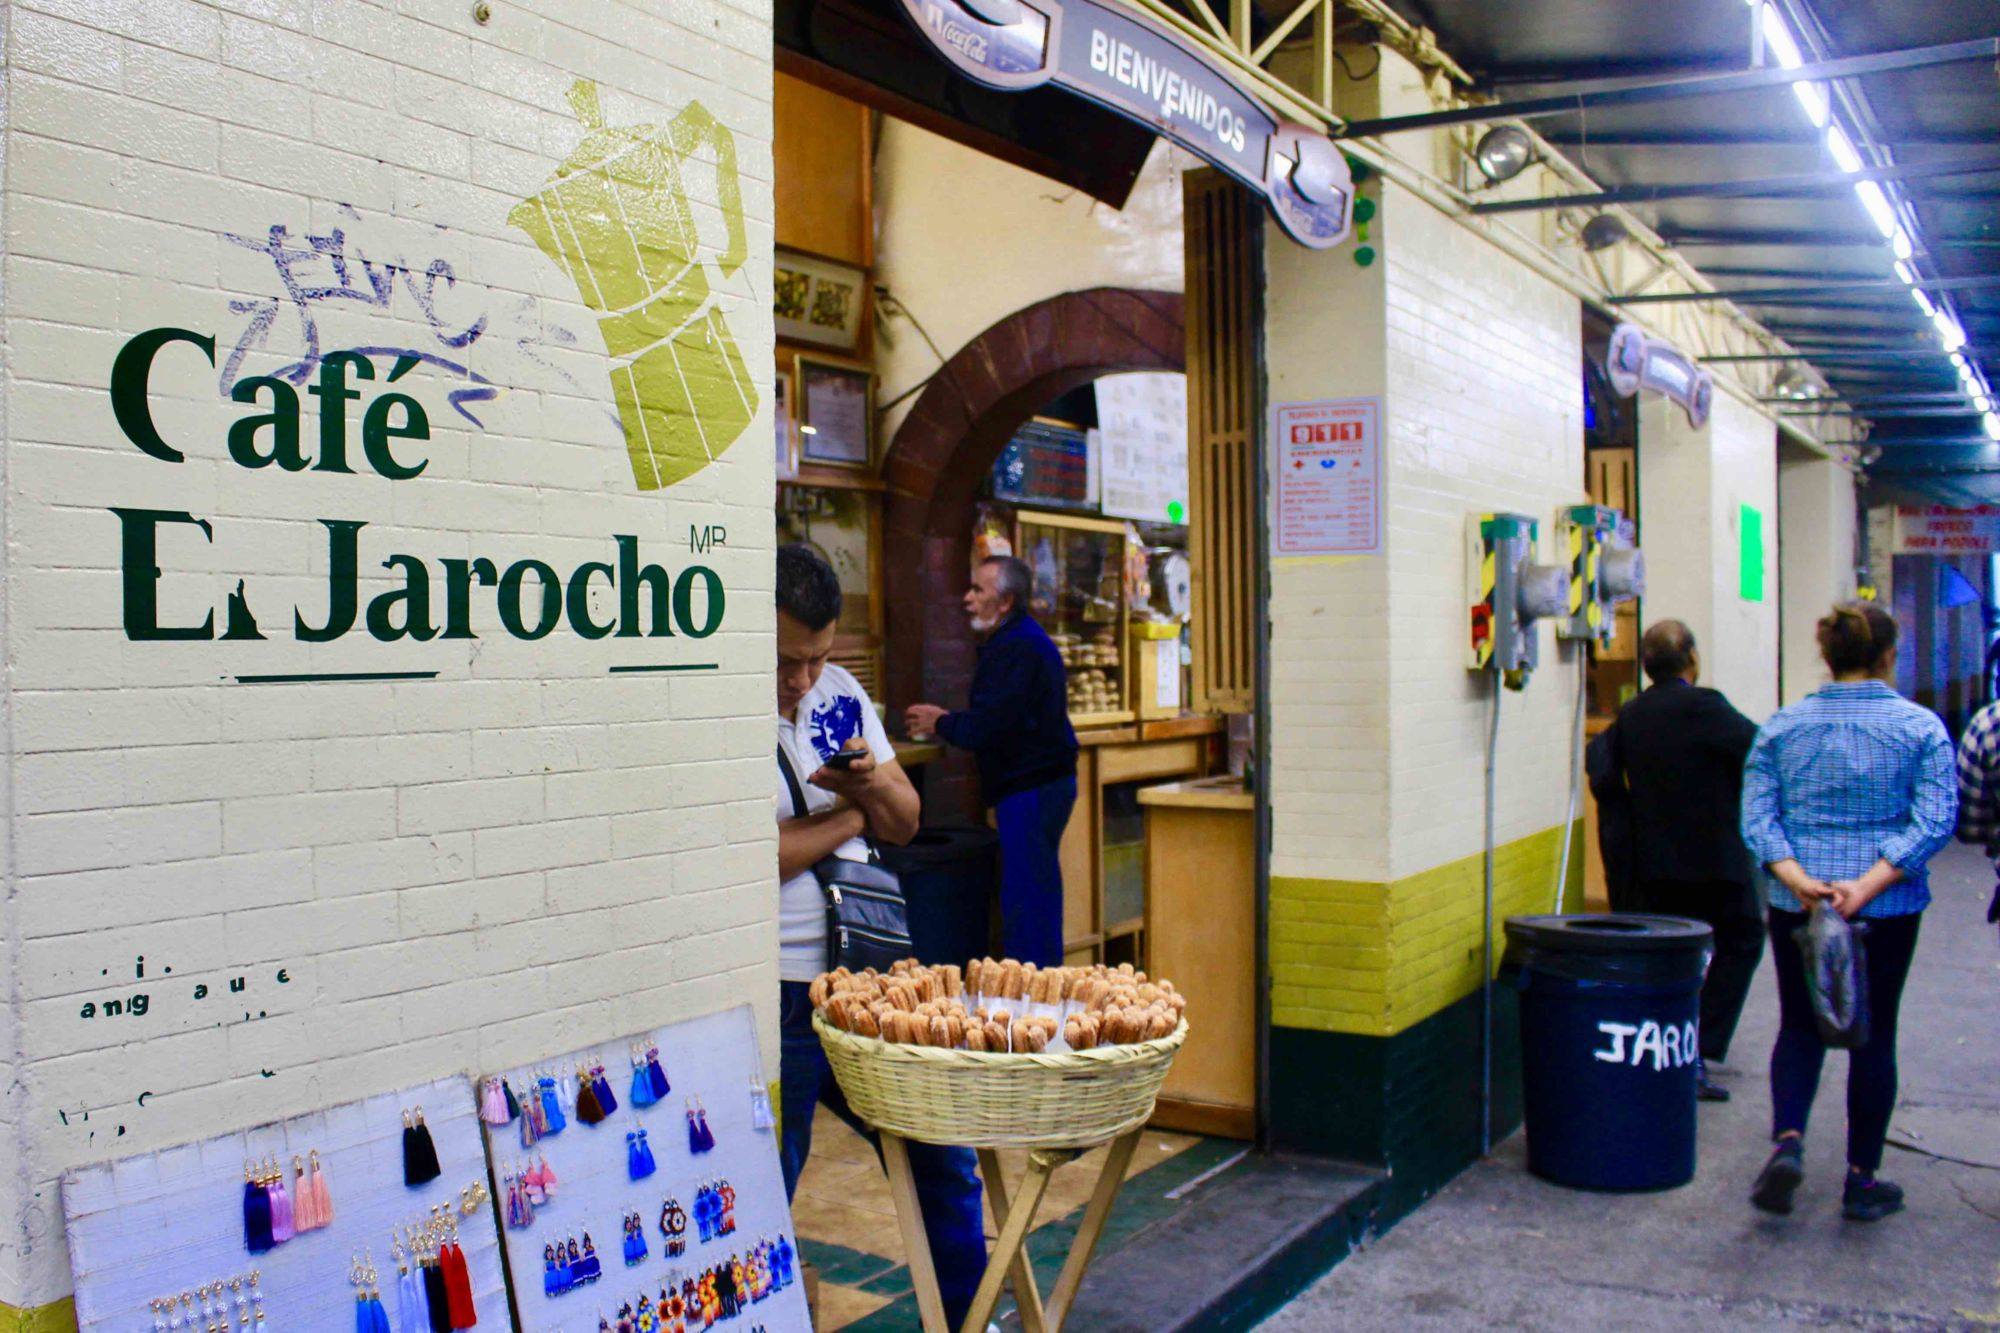 Café El Jarrocho je především tradice